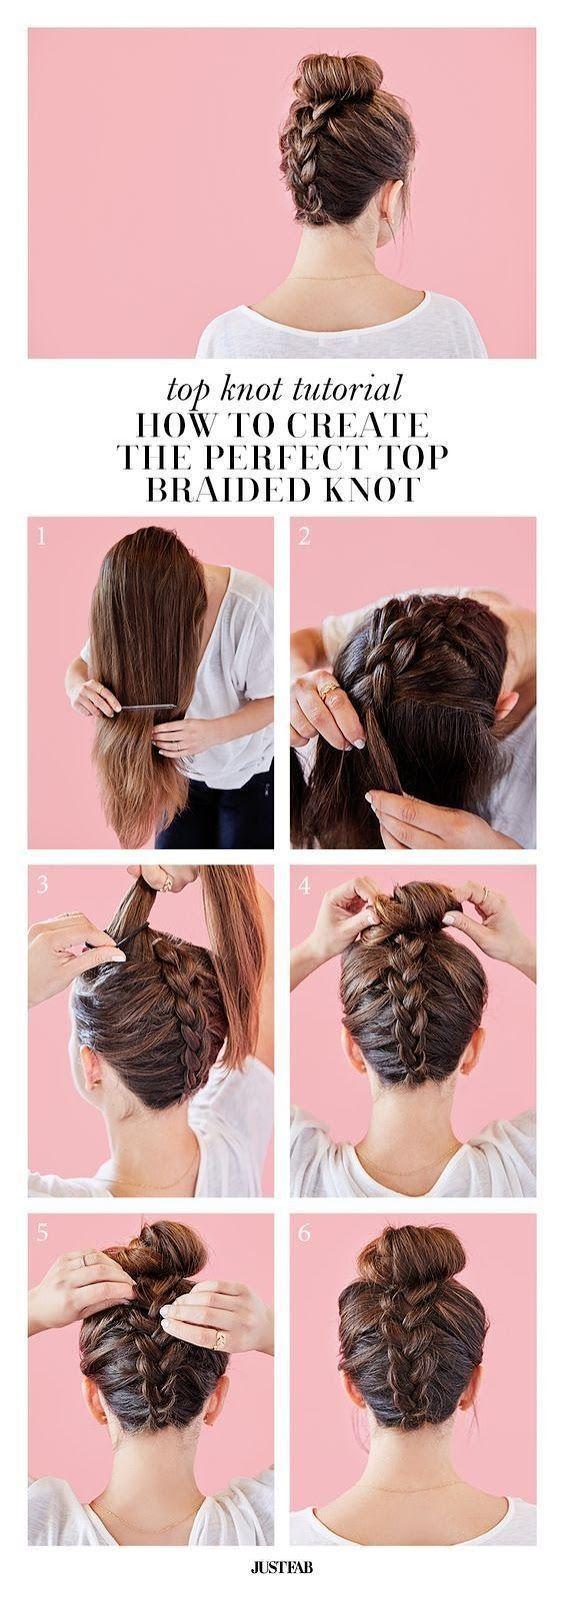 62 Einfache Frisuren Schritt für Schritt zum Selbermachen - hair ideas - #ein..., #african...